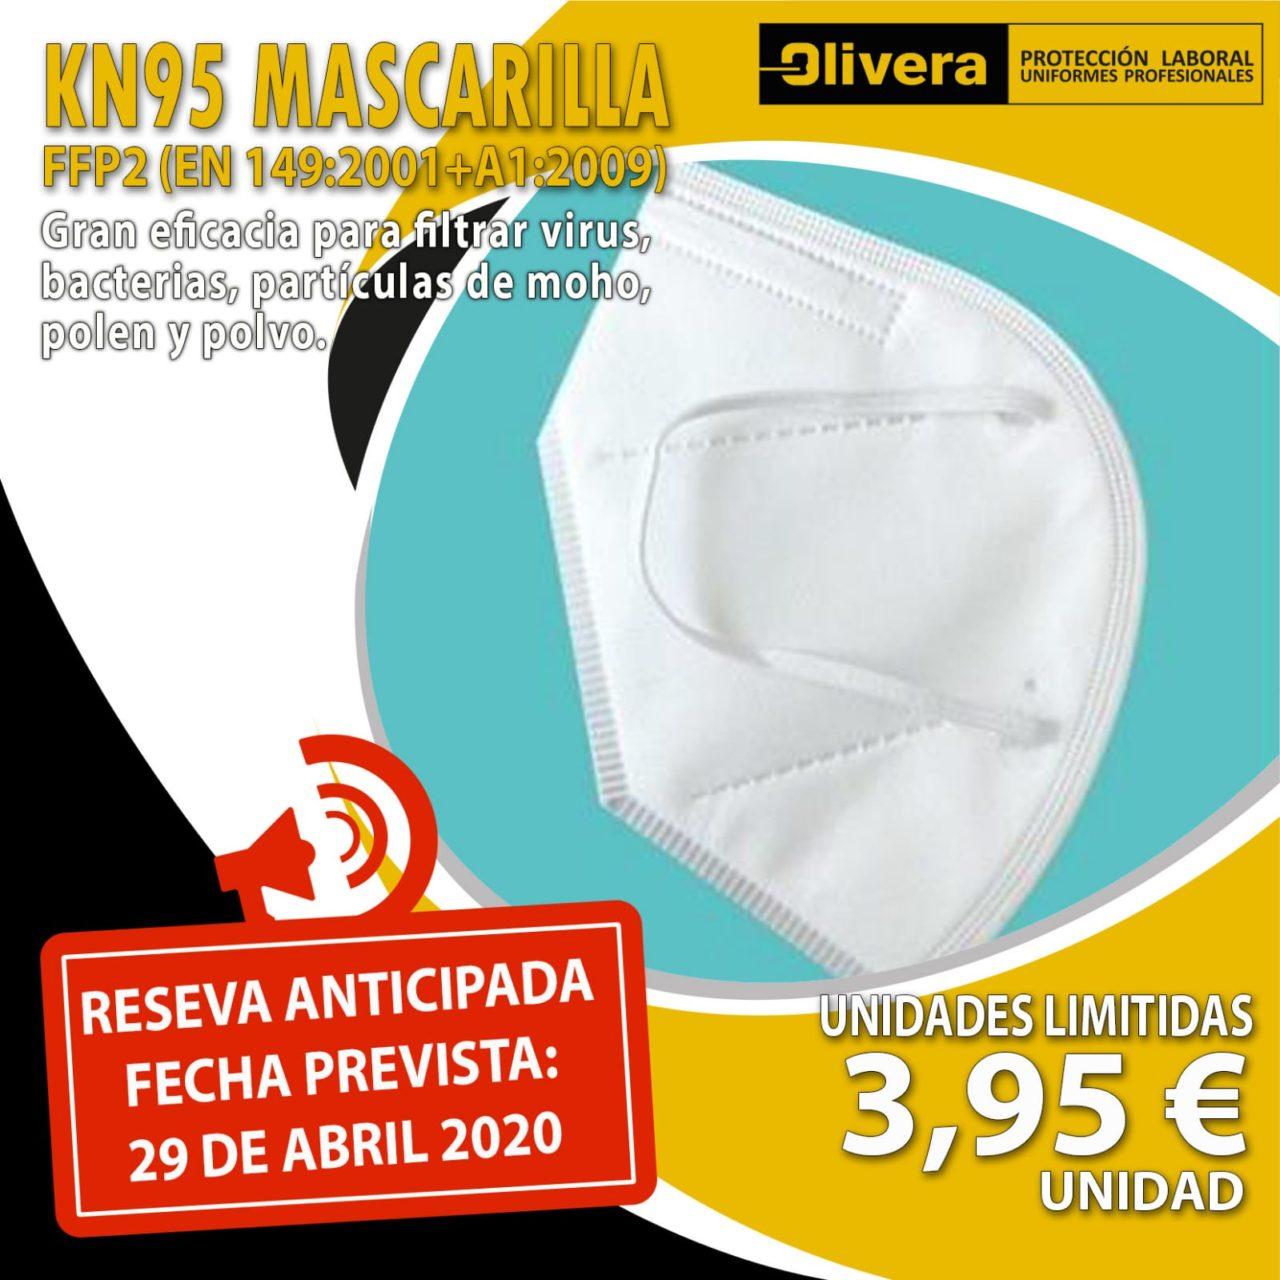 mascarillas_2-1280x1280.jpg